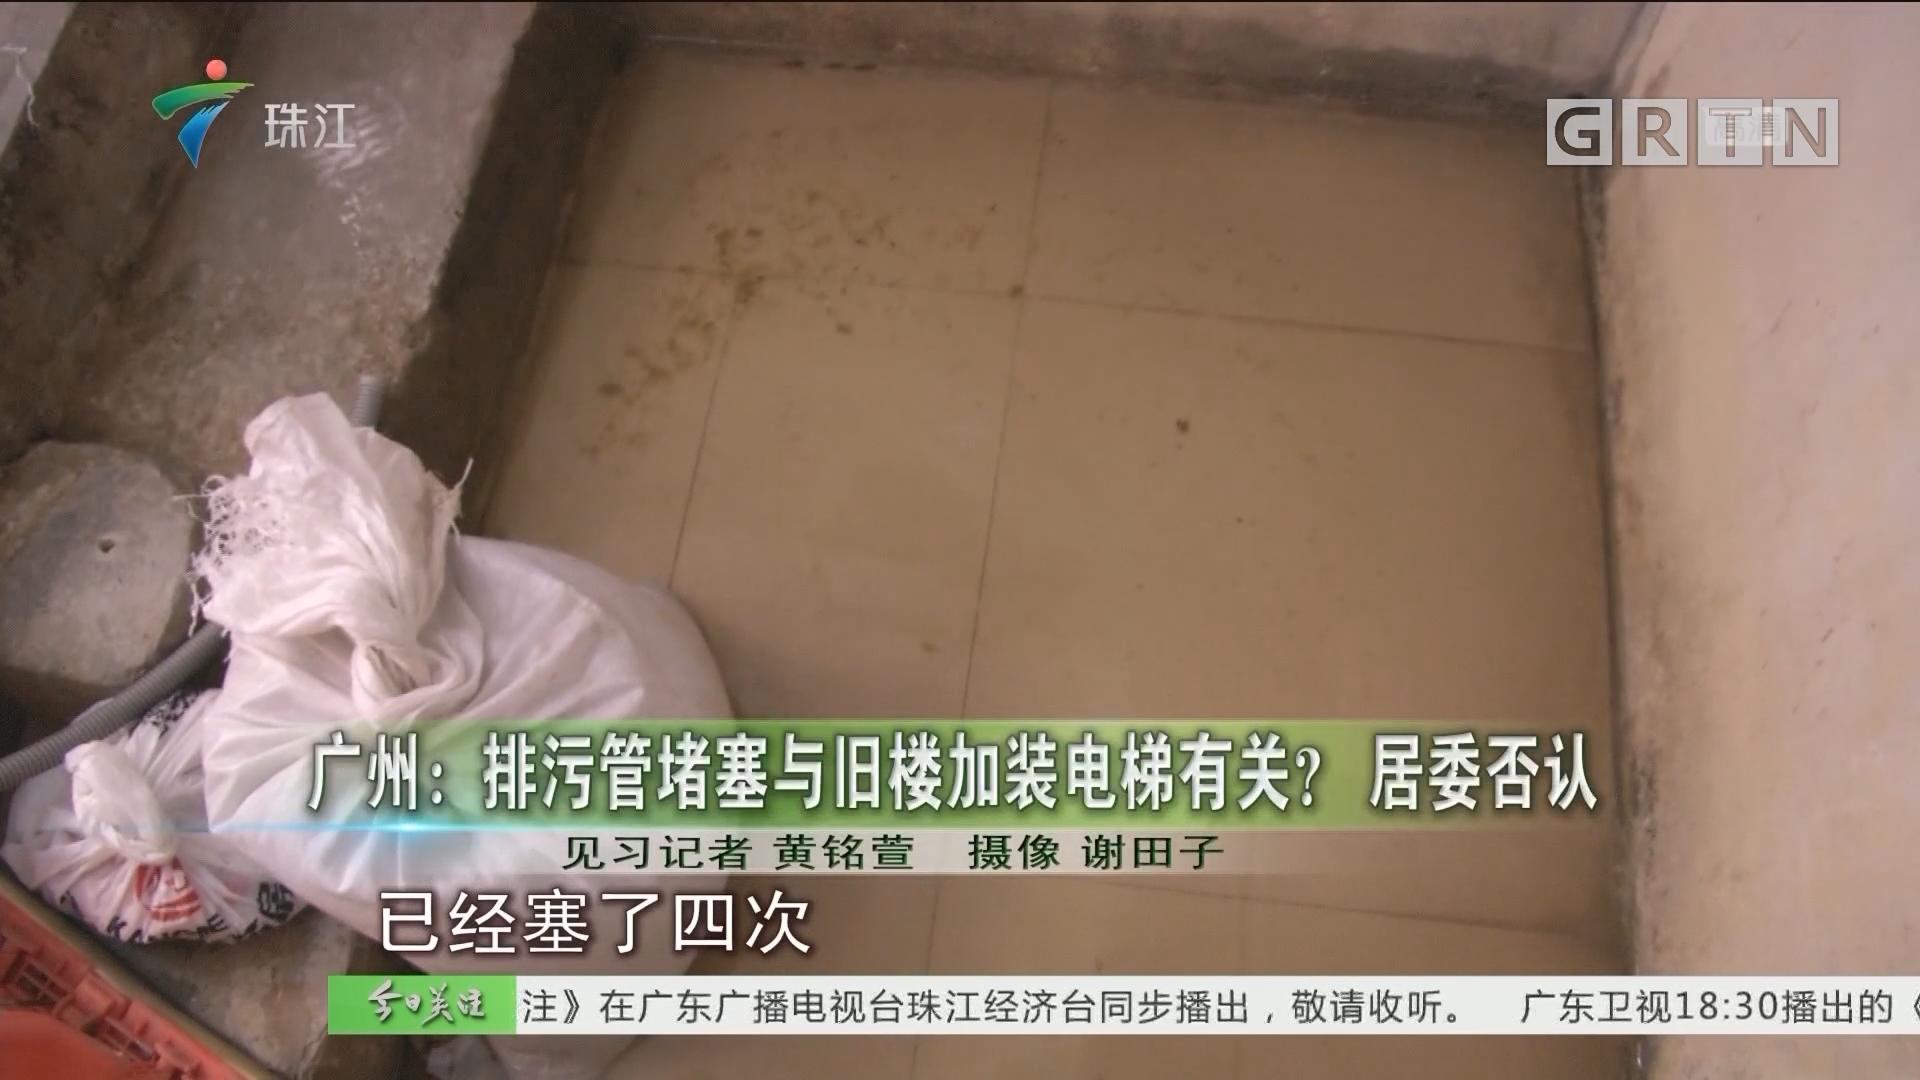 广州:排污管堵塞与旧楼加装电梯有关?居委否认